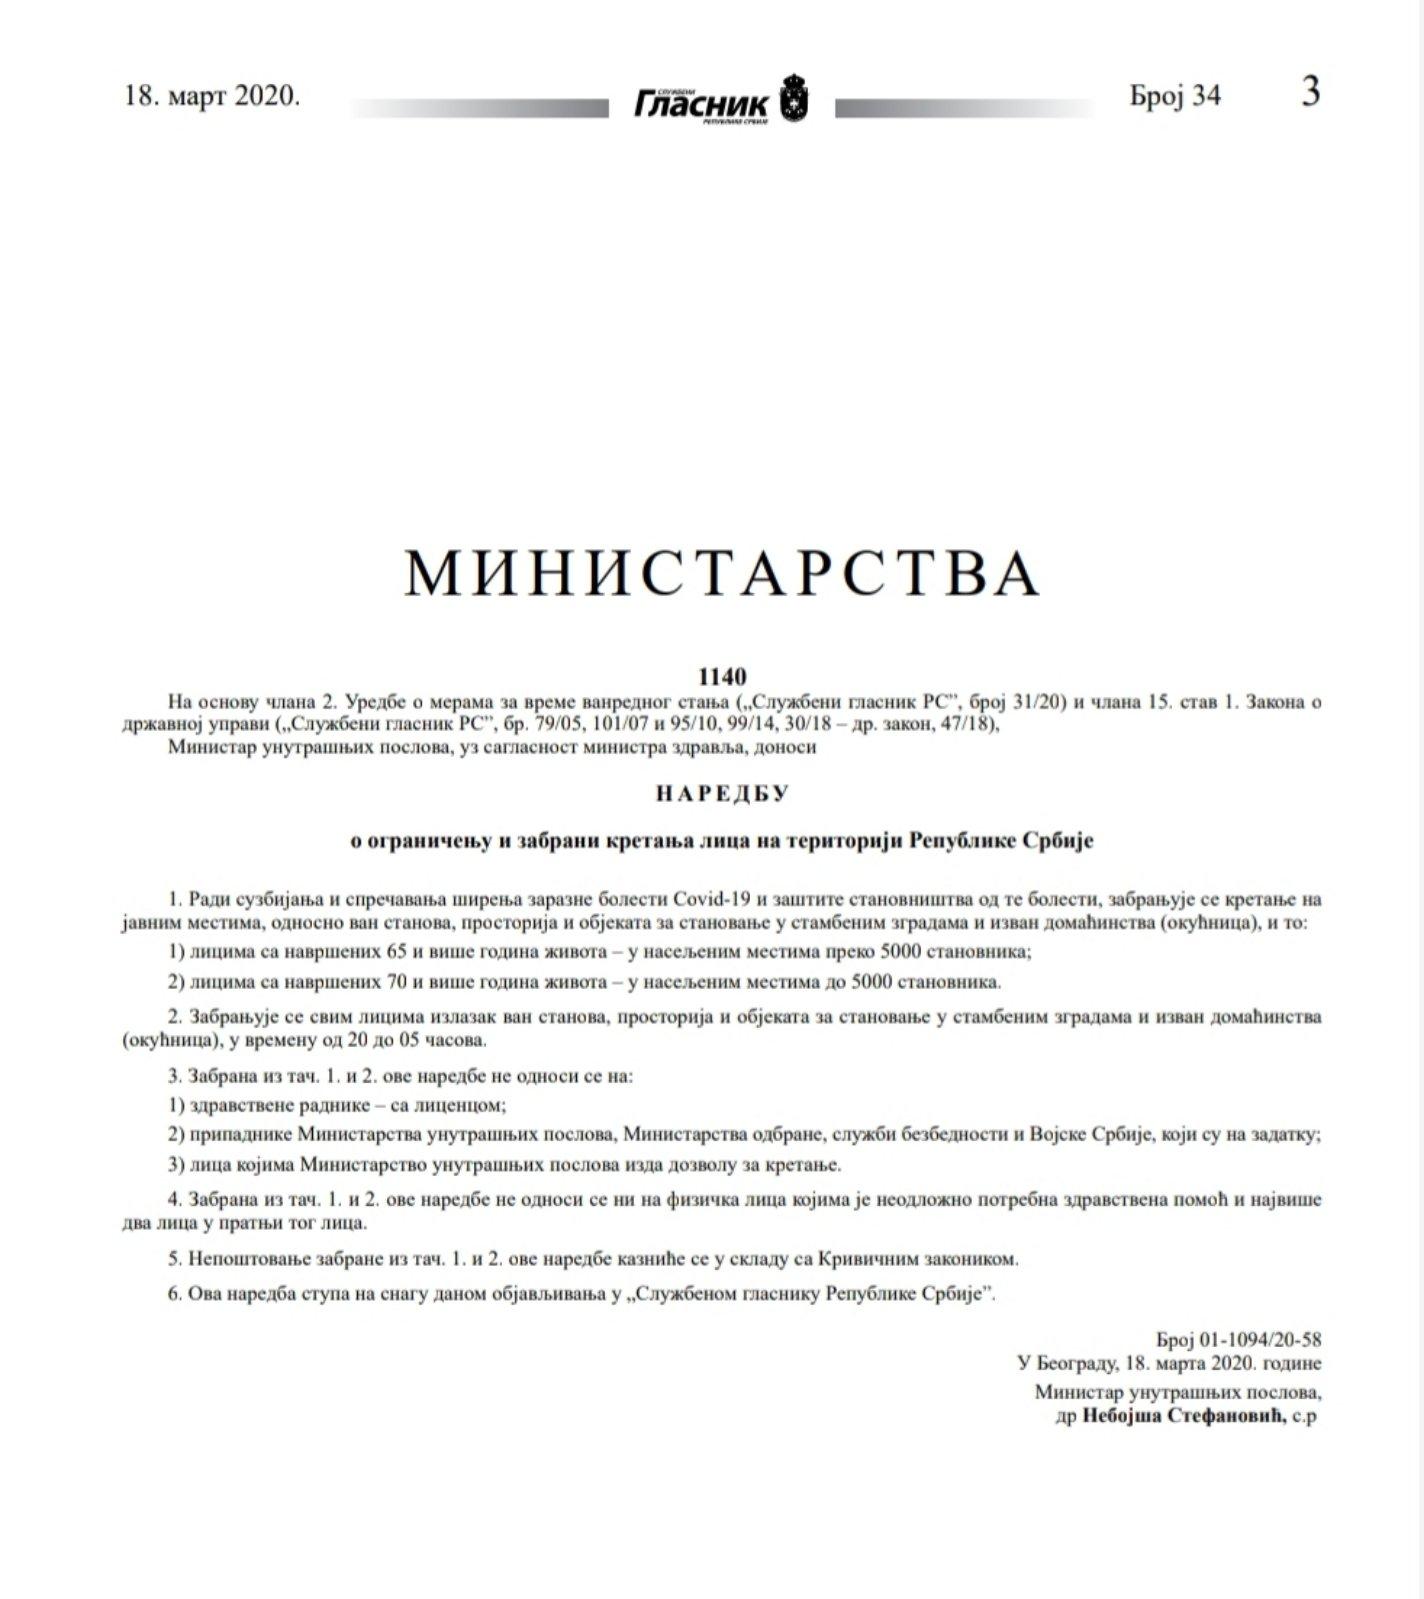 Наредба о ограничењу и забрани кретања лица на територији Републике Србије